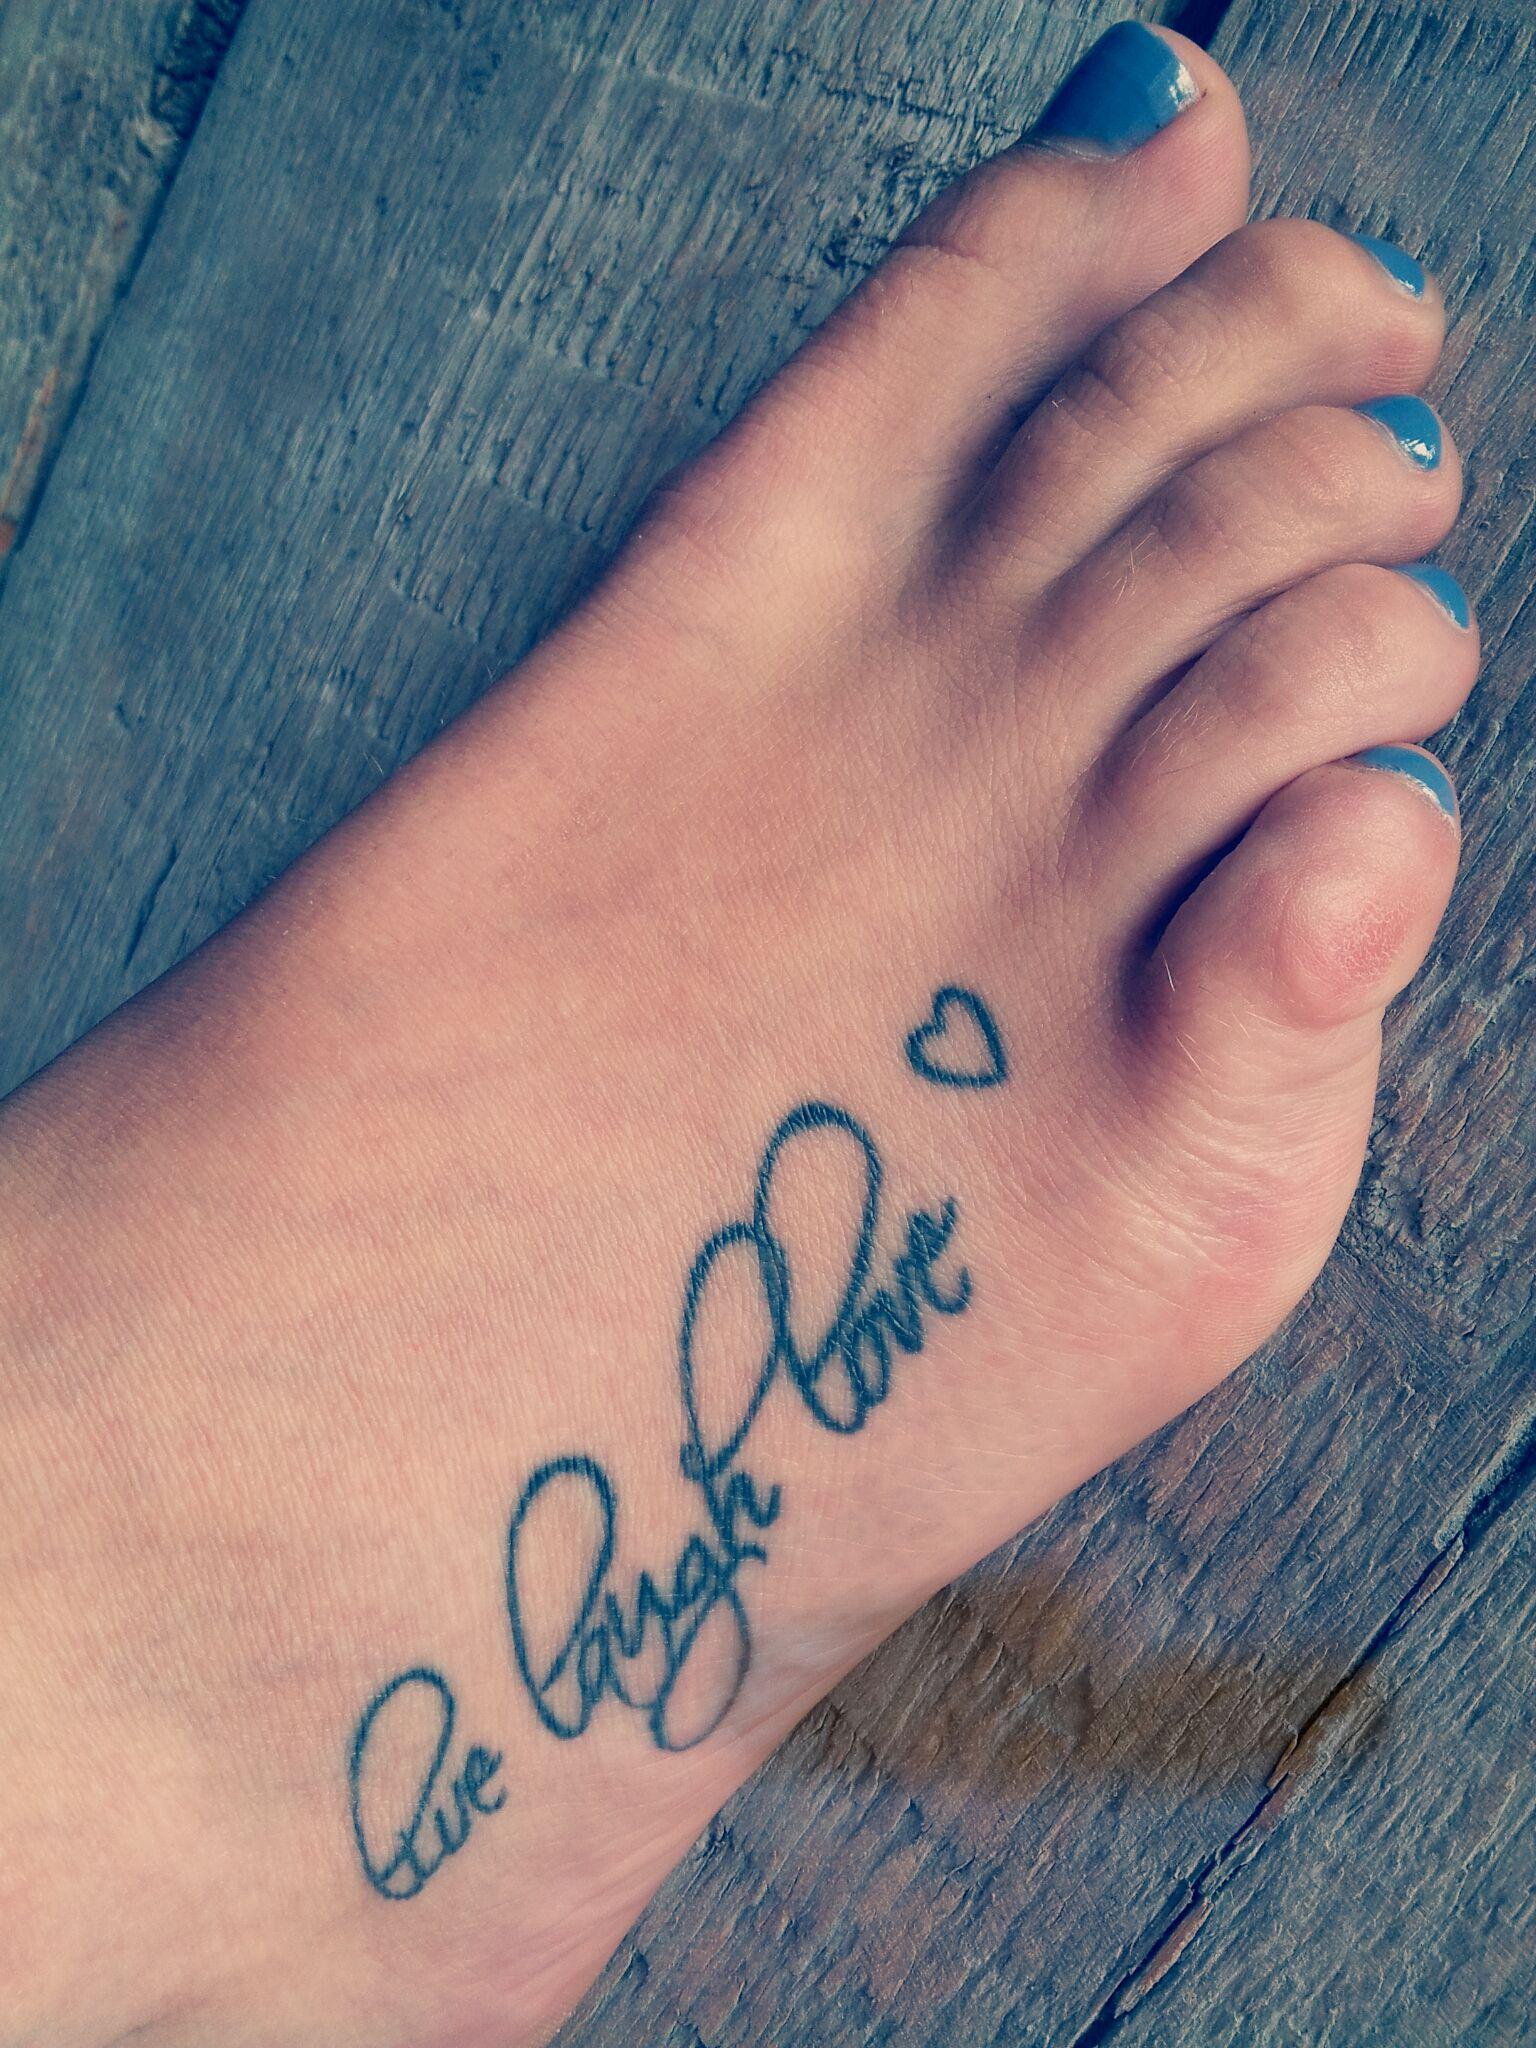 live laugh love tattoo | tattoo ideas | Pinterest ...